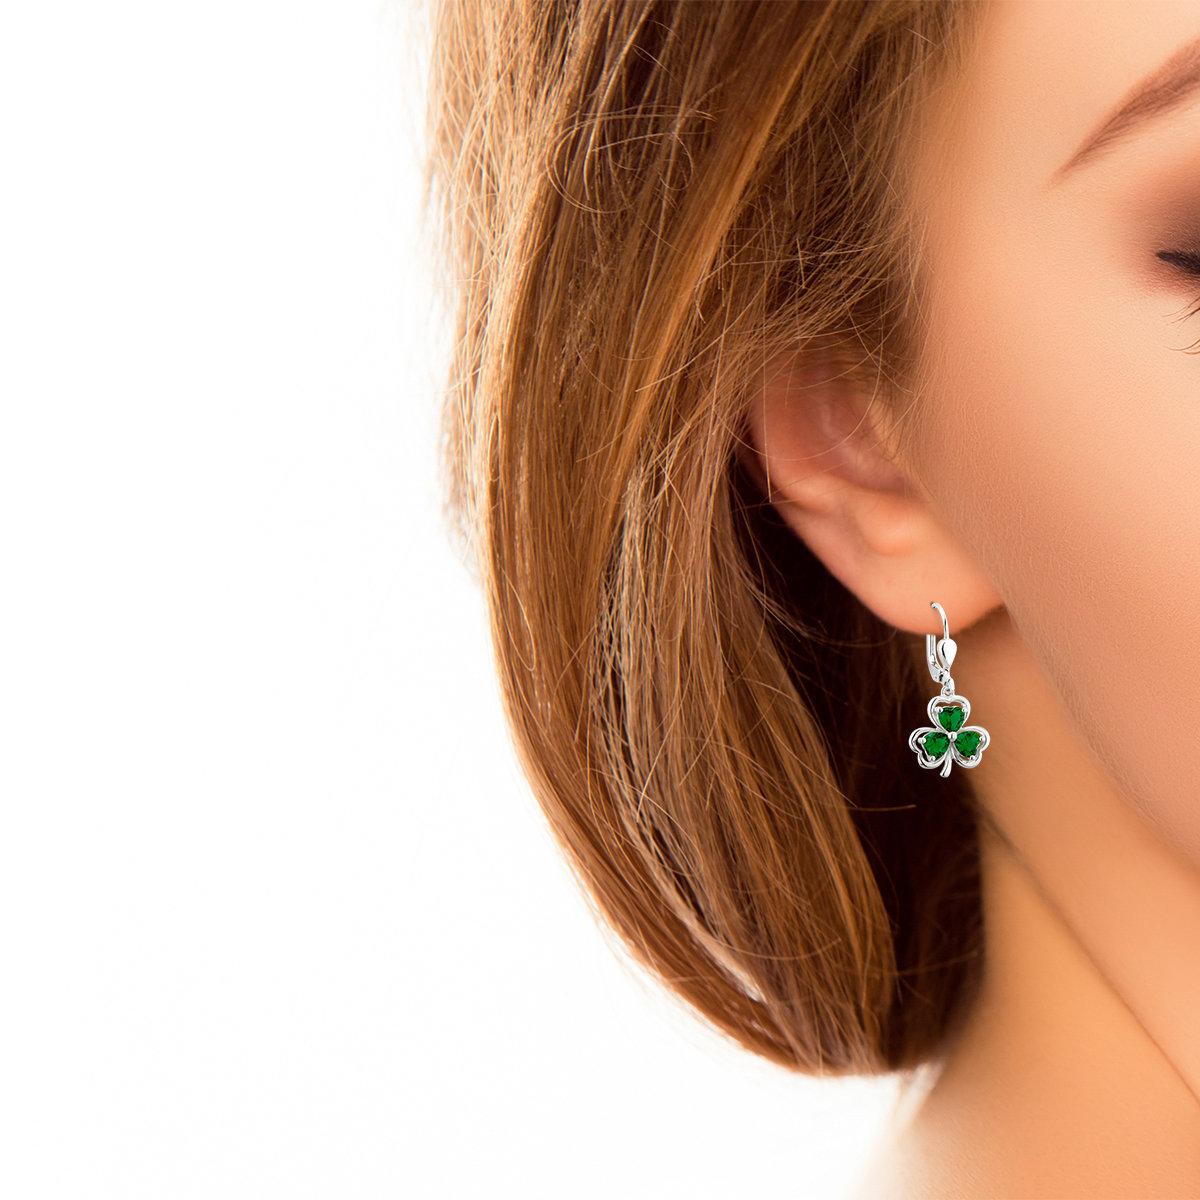 green crystal shamrock drop earrings S33914 presented on a model